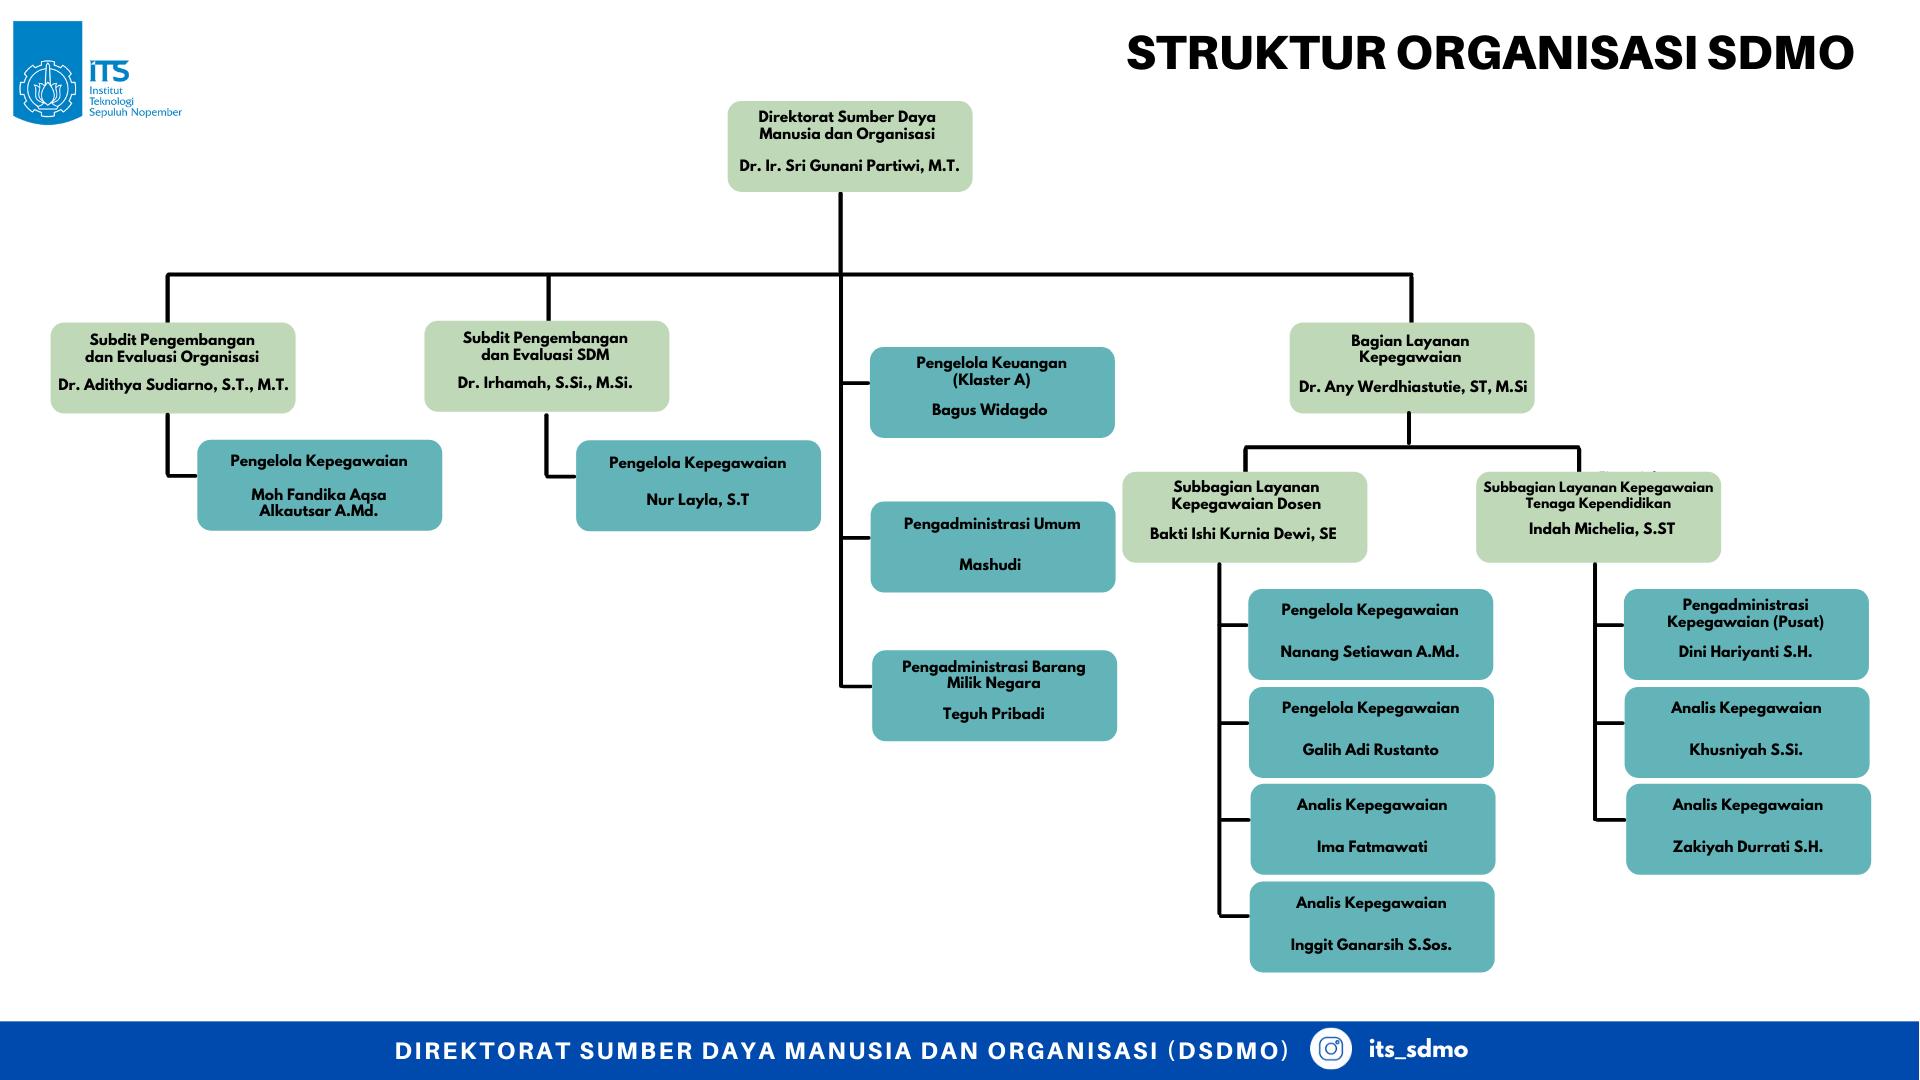 Struktur Organisasi SDMO